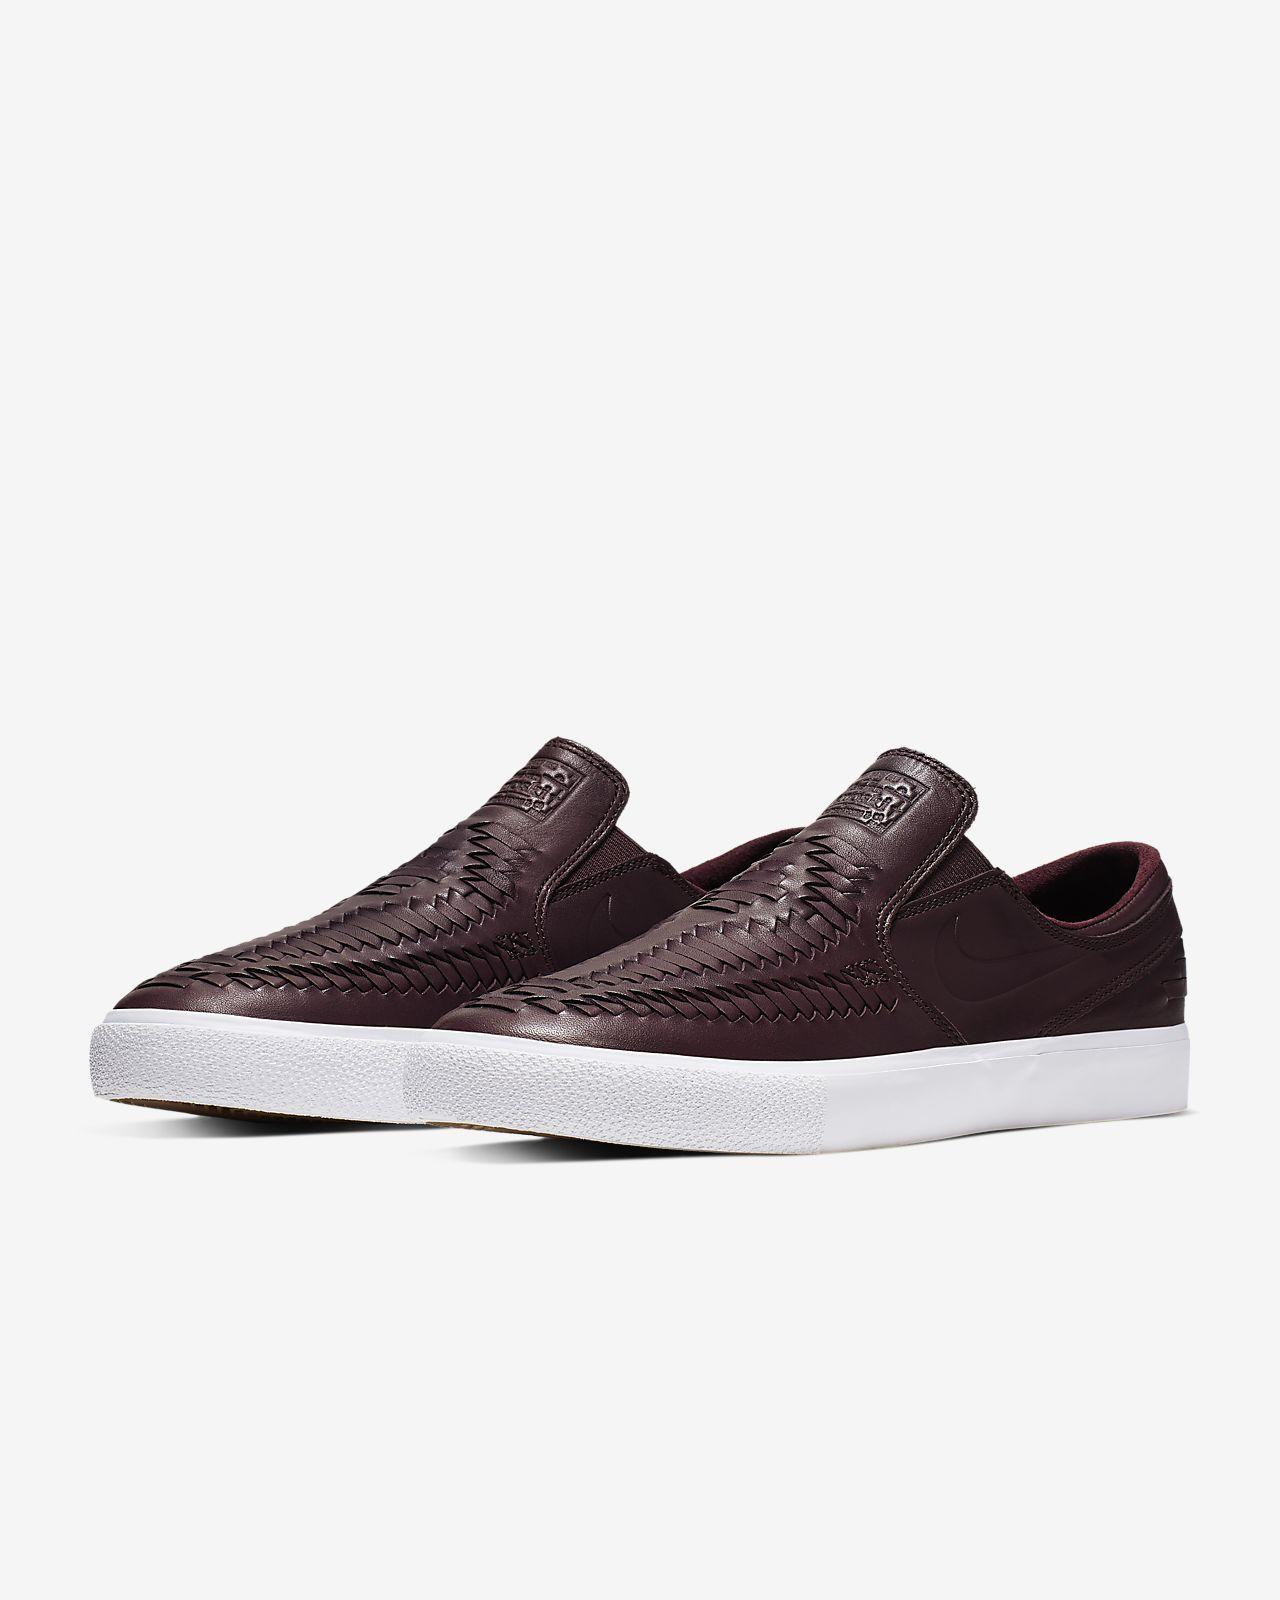 nowy haj gorące nowe produkty sprzedaż usa online Nike SB Zoom Stefan Janoski Slip RM Crafted Skate Shoe